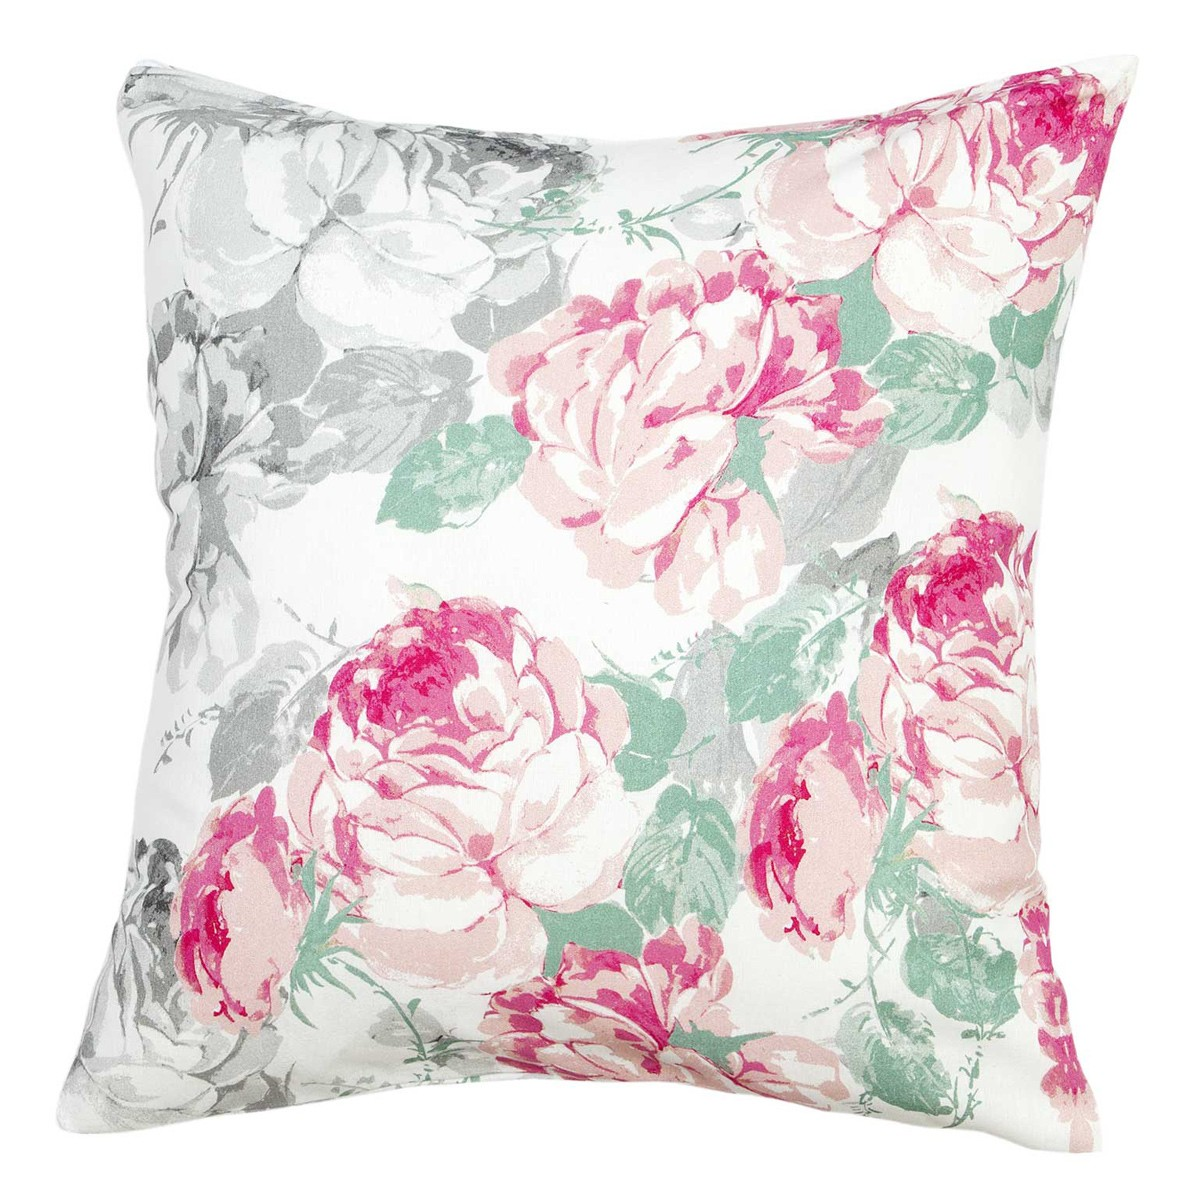 Διακοσμητική Μαξιλαροθήκη Nima Cushions Blooming